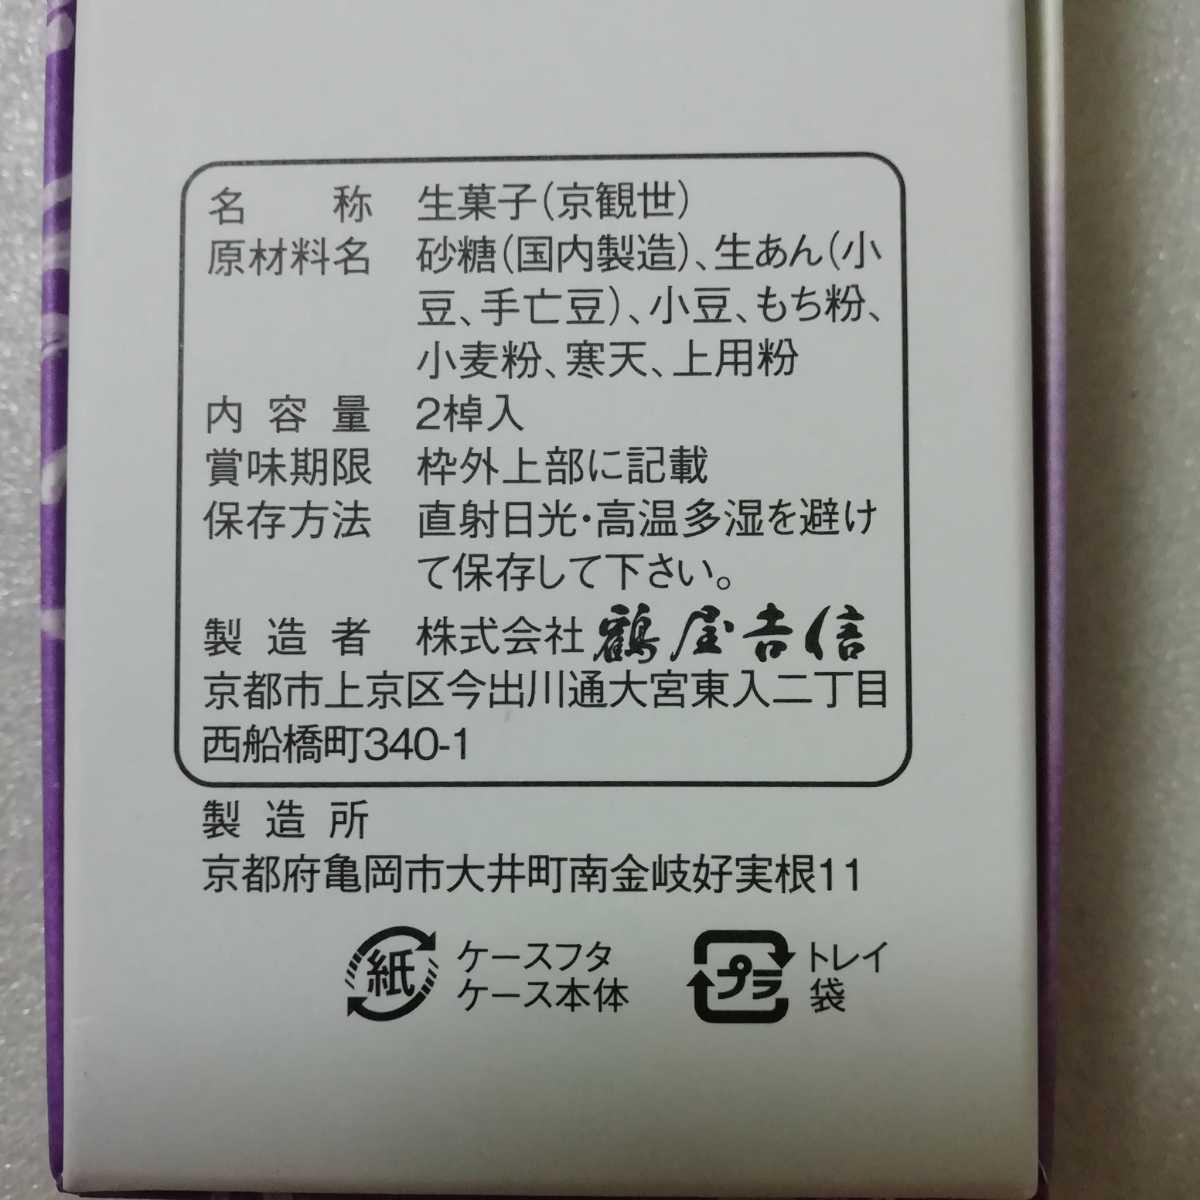 鶴屋吉信 京観世 1棹 和菓子 きょうかんぜ_画像2